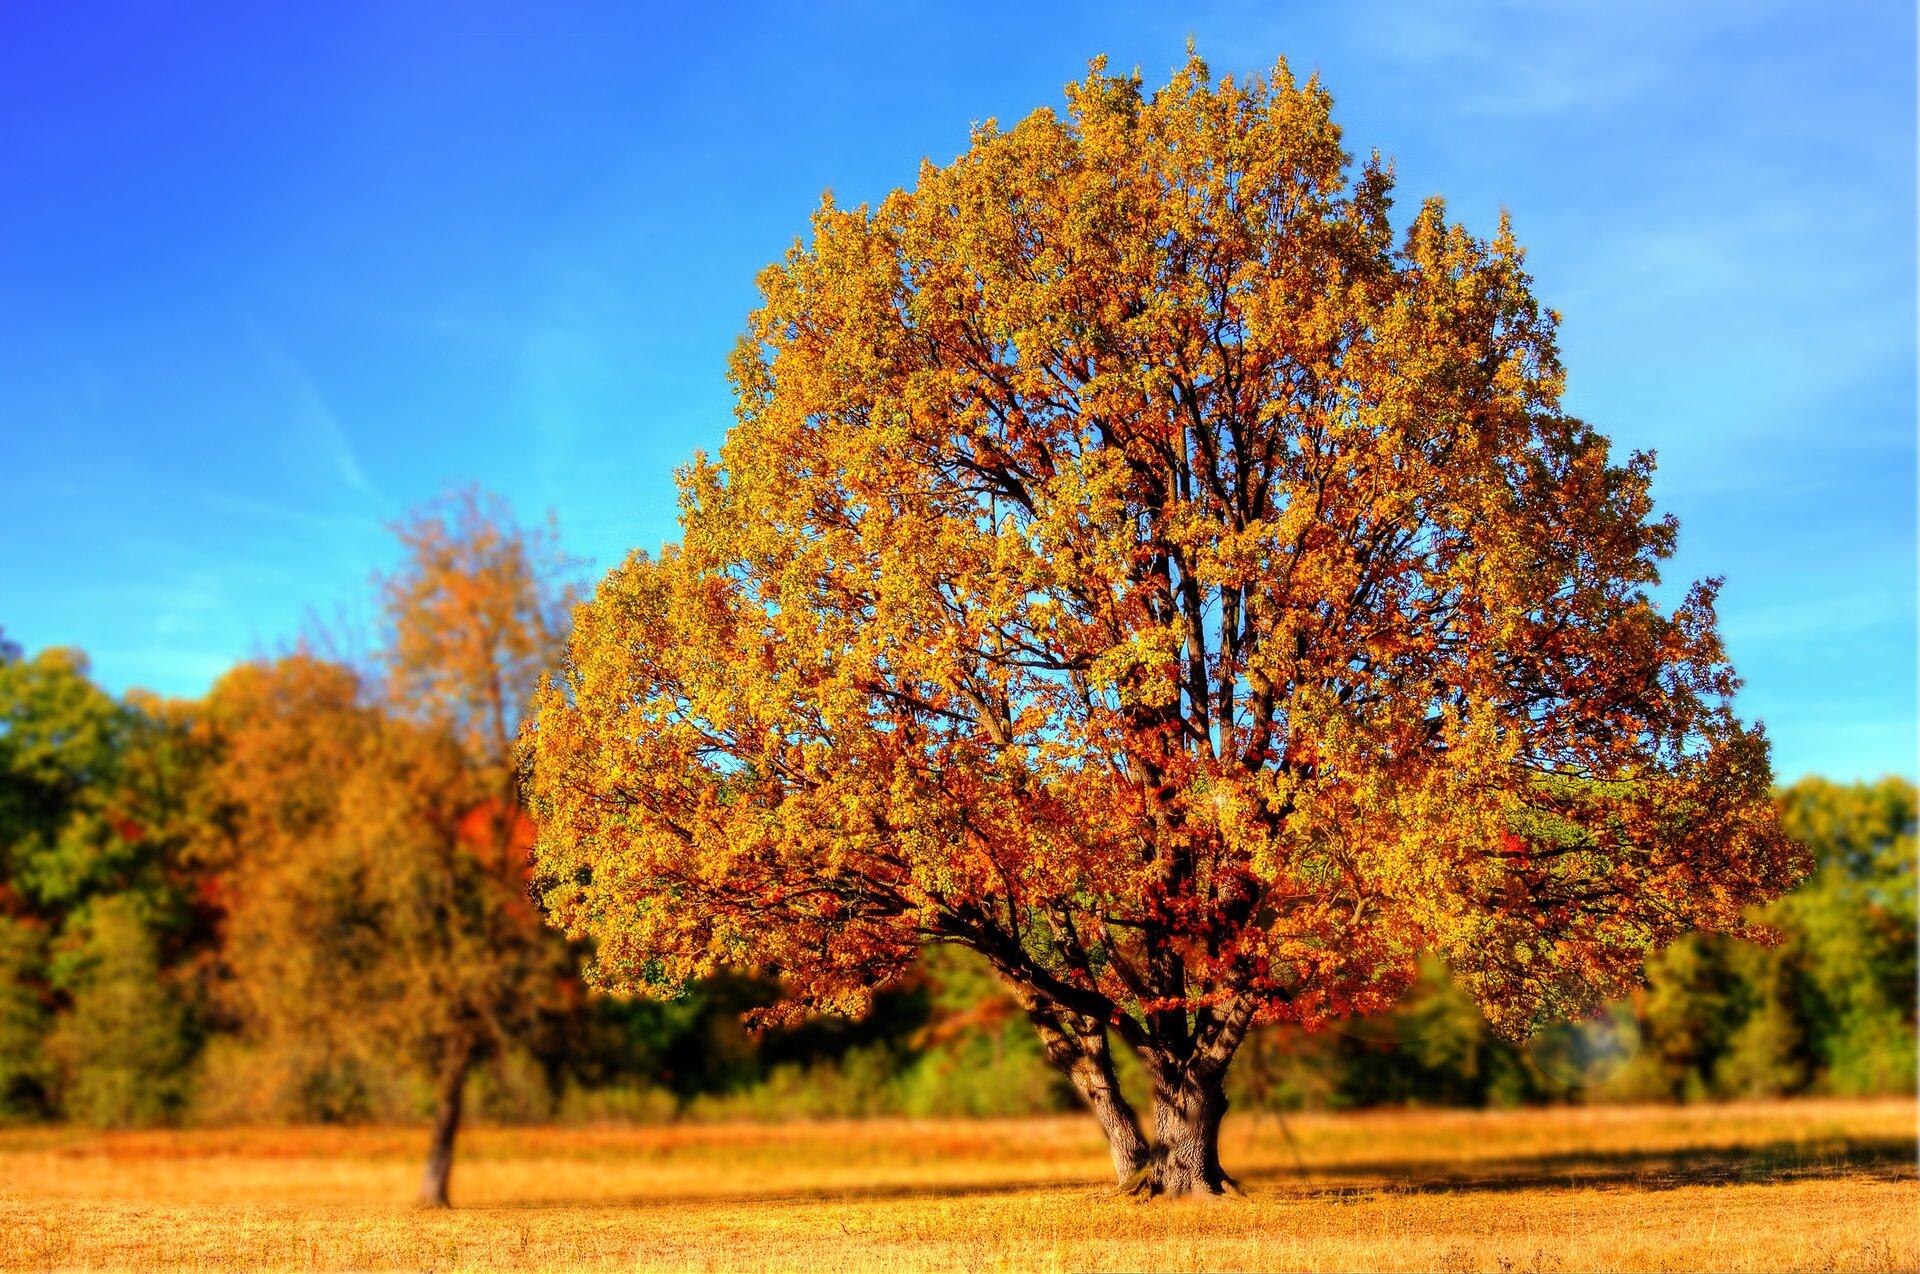 Fotografia prezentuje drzewa liściaste jesienią. Na pierwszym planie duże, rozłożyste, samotne drzewo zżółtymi, brązowymi izielonymi liśćmi. Wtle widoczne drzewa liściaste wpodobnych kolorach.